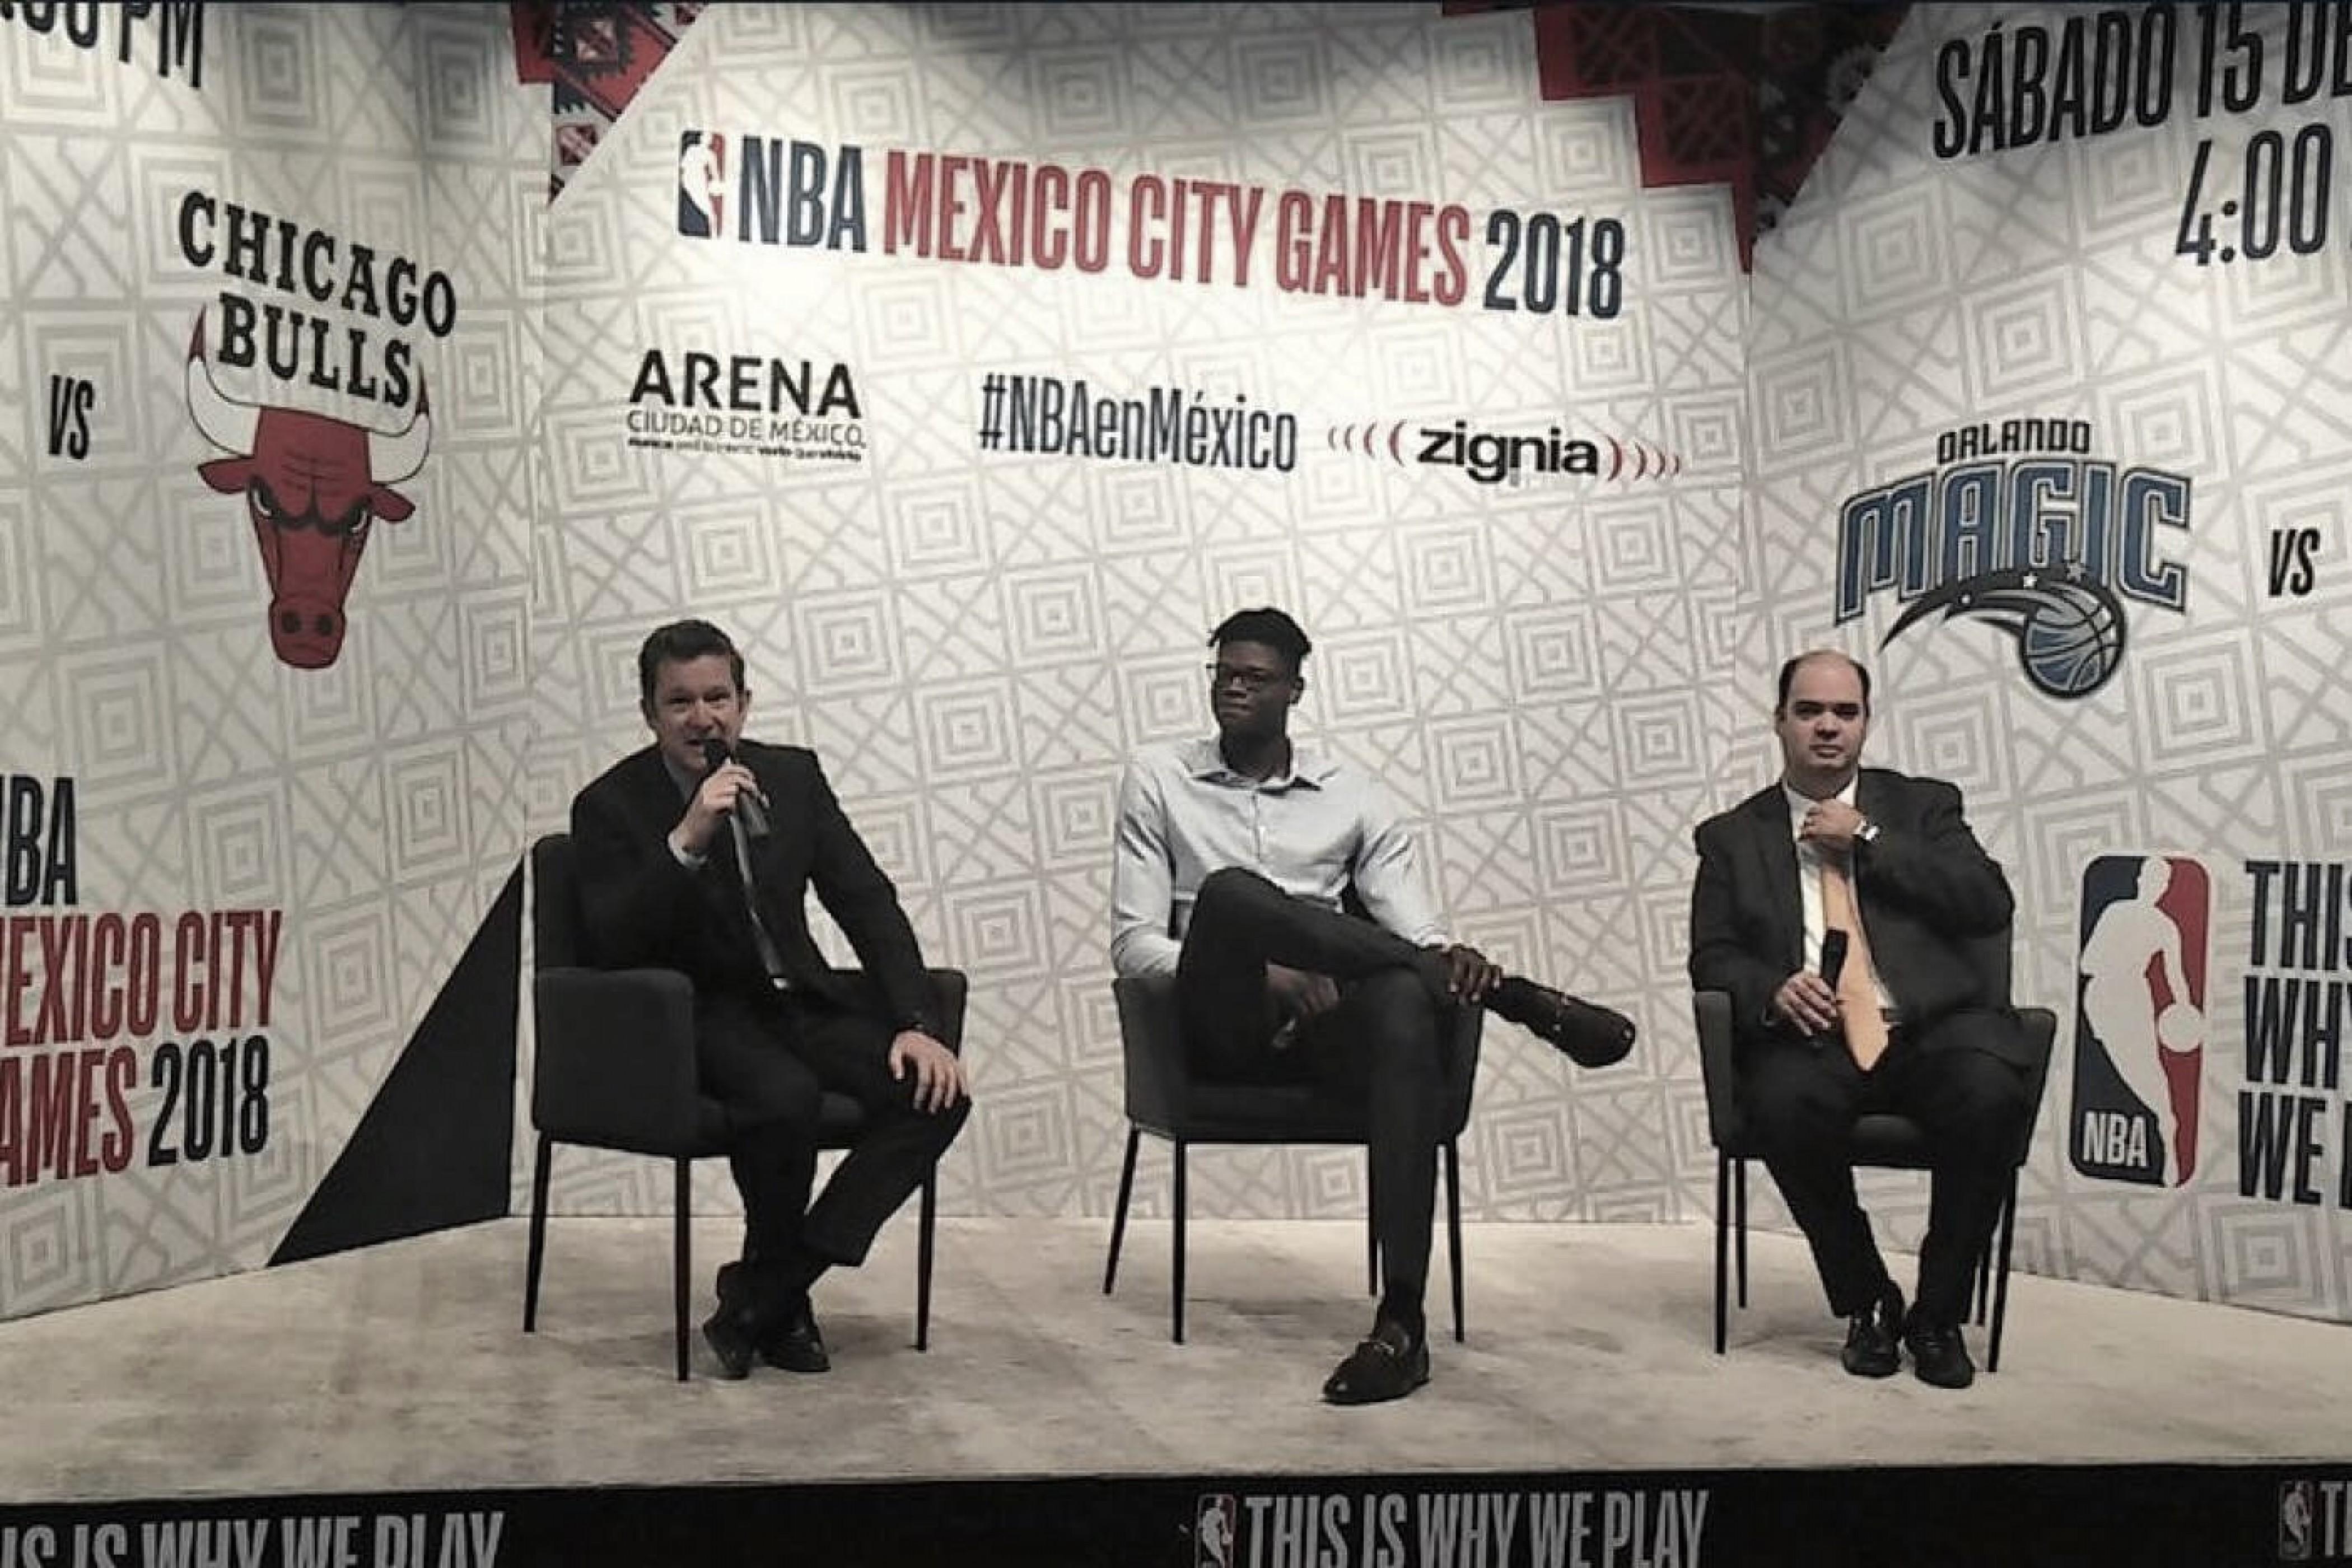 La NBA y México quieren seguir fortaleciendo su relación